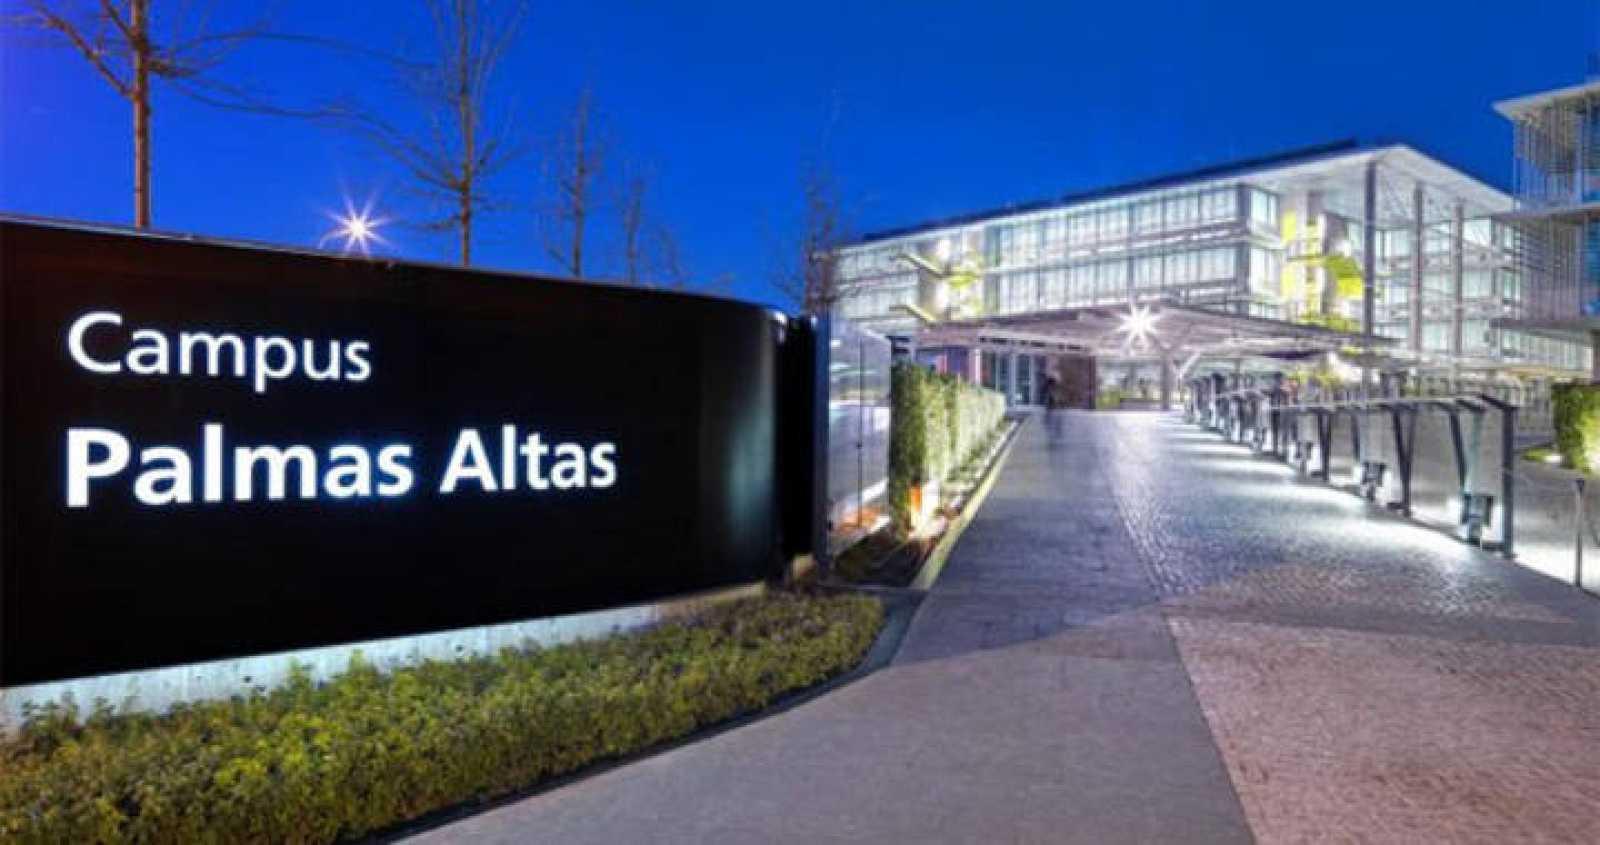 Campus Palmas Altas, sede de Abengoa, en calle Energía Solar en Sevilla, España